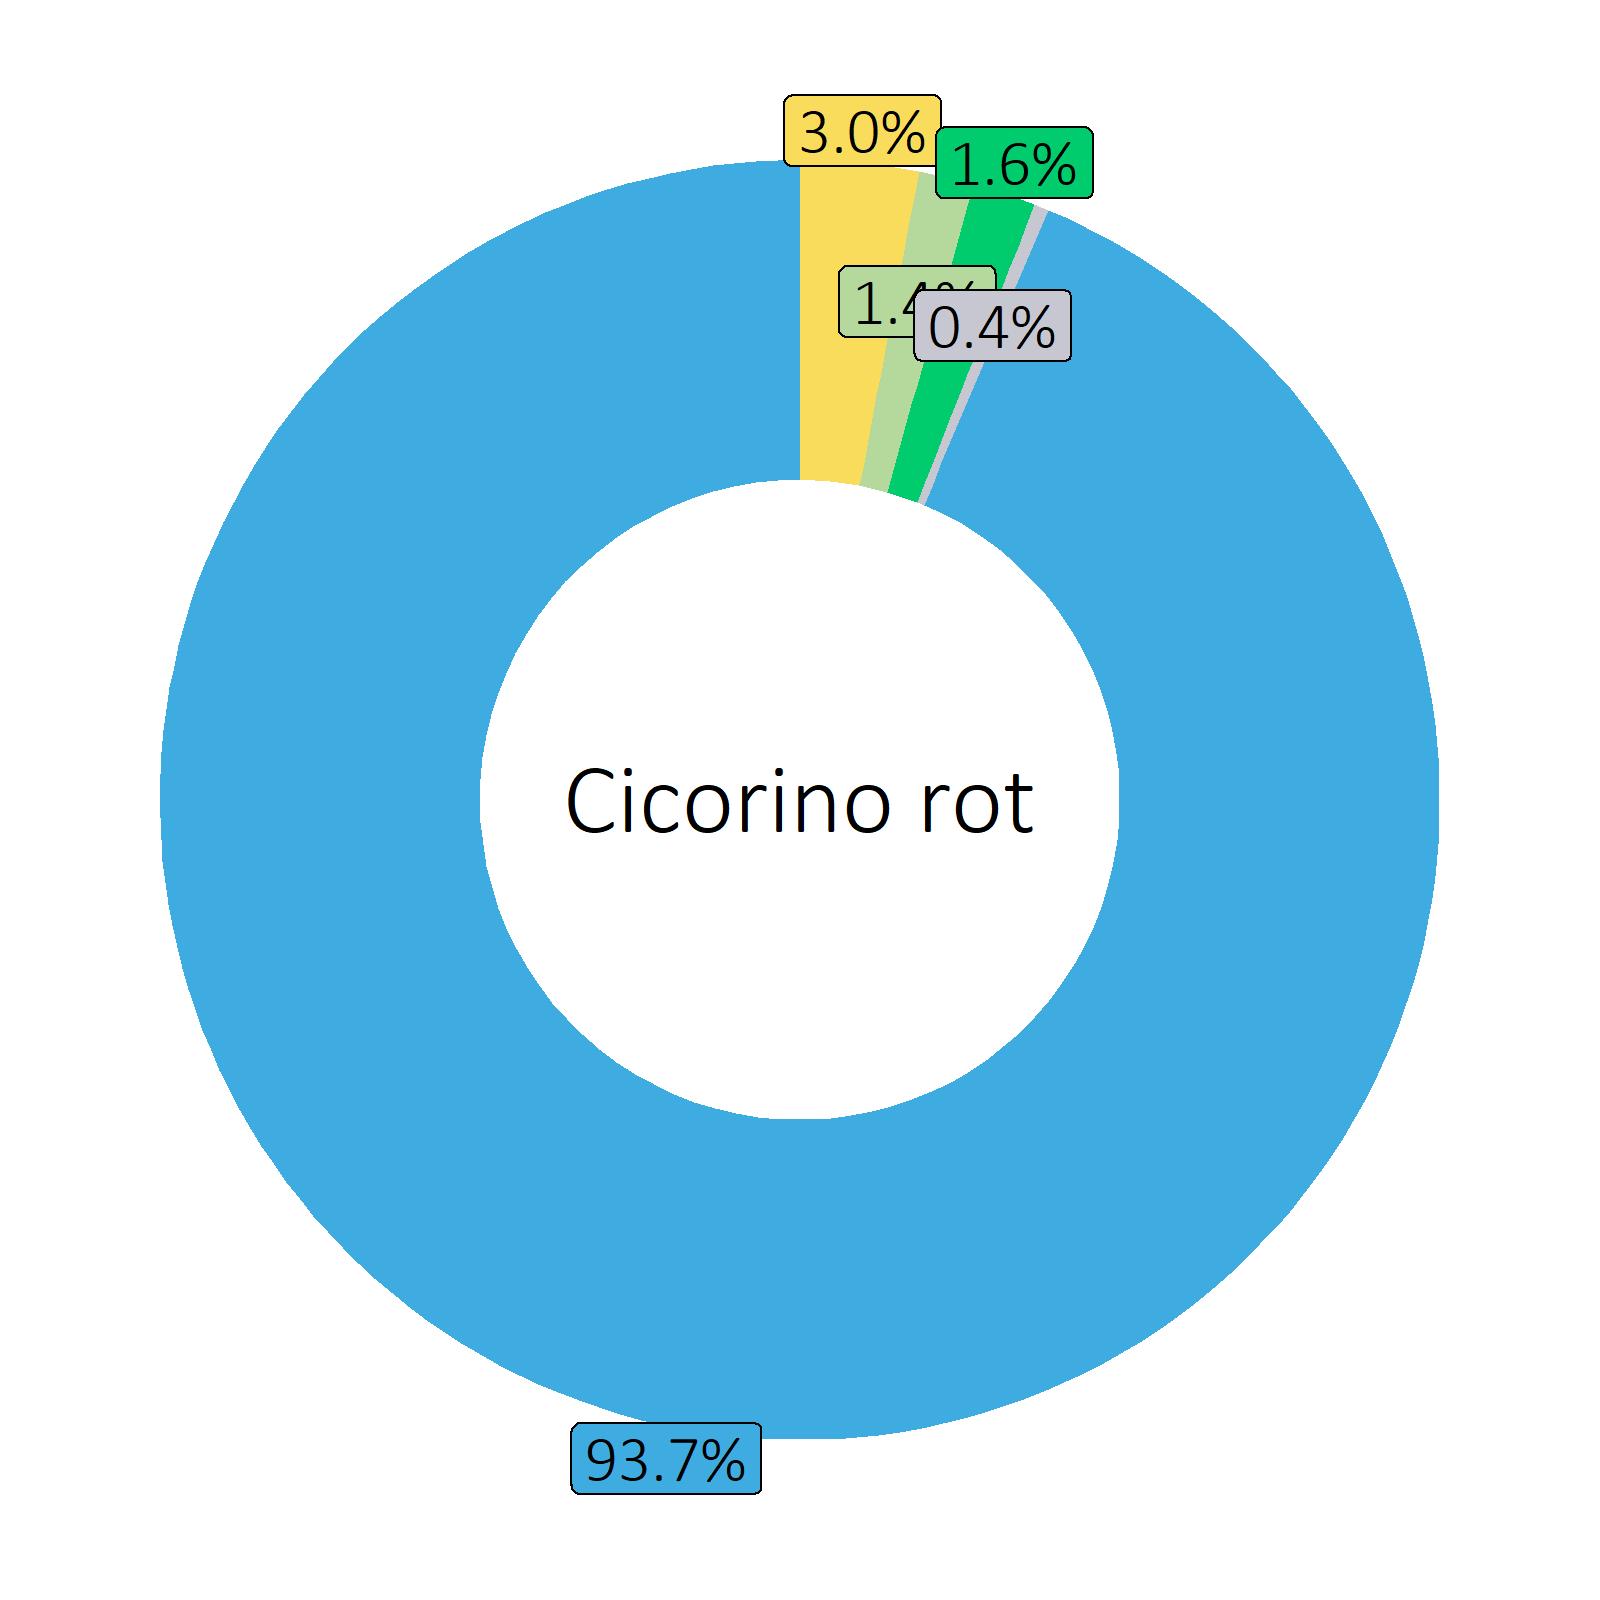 Bestandteile Cicorino rot